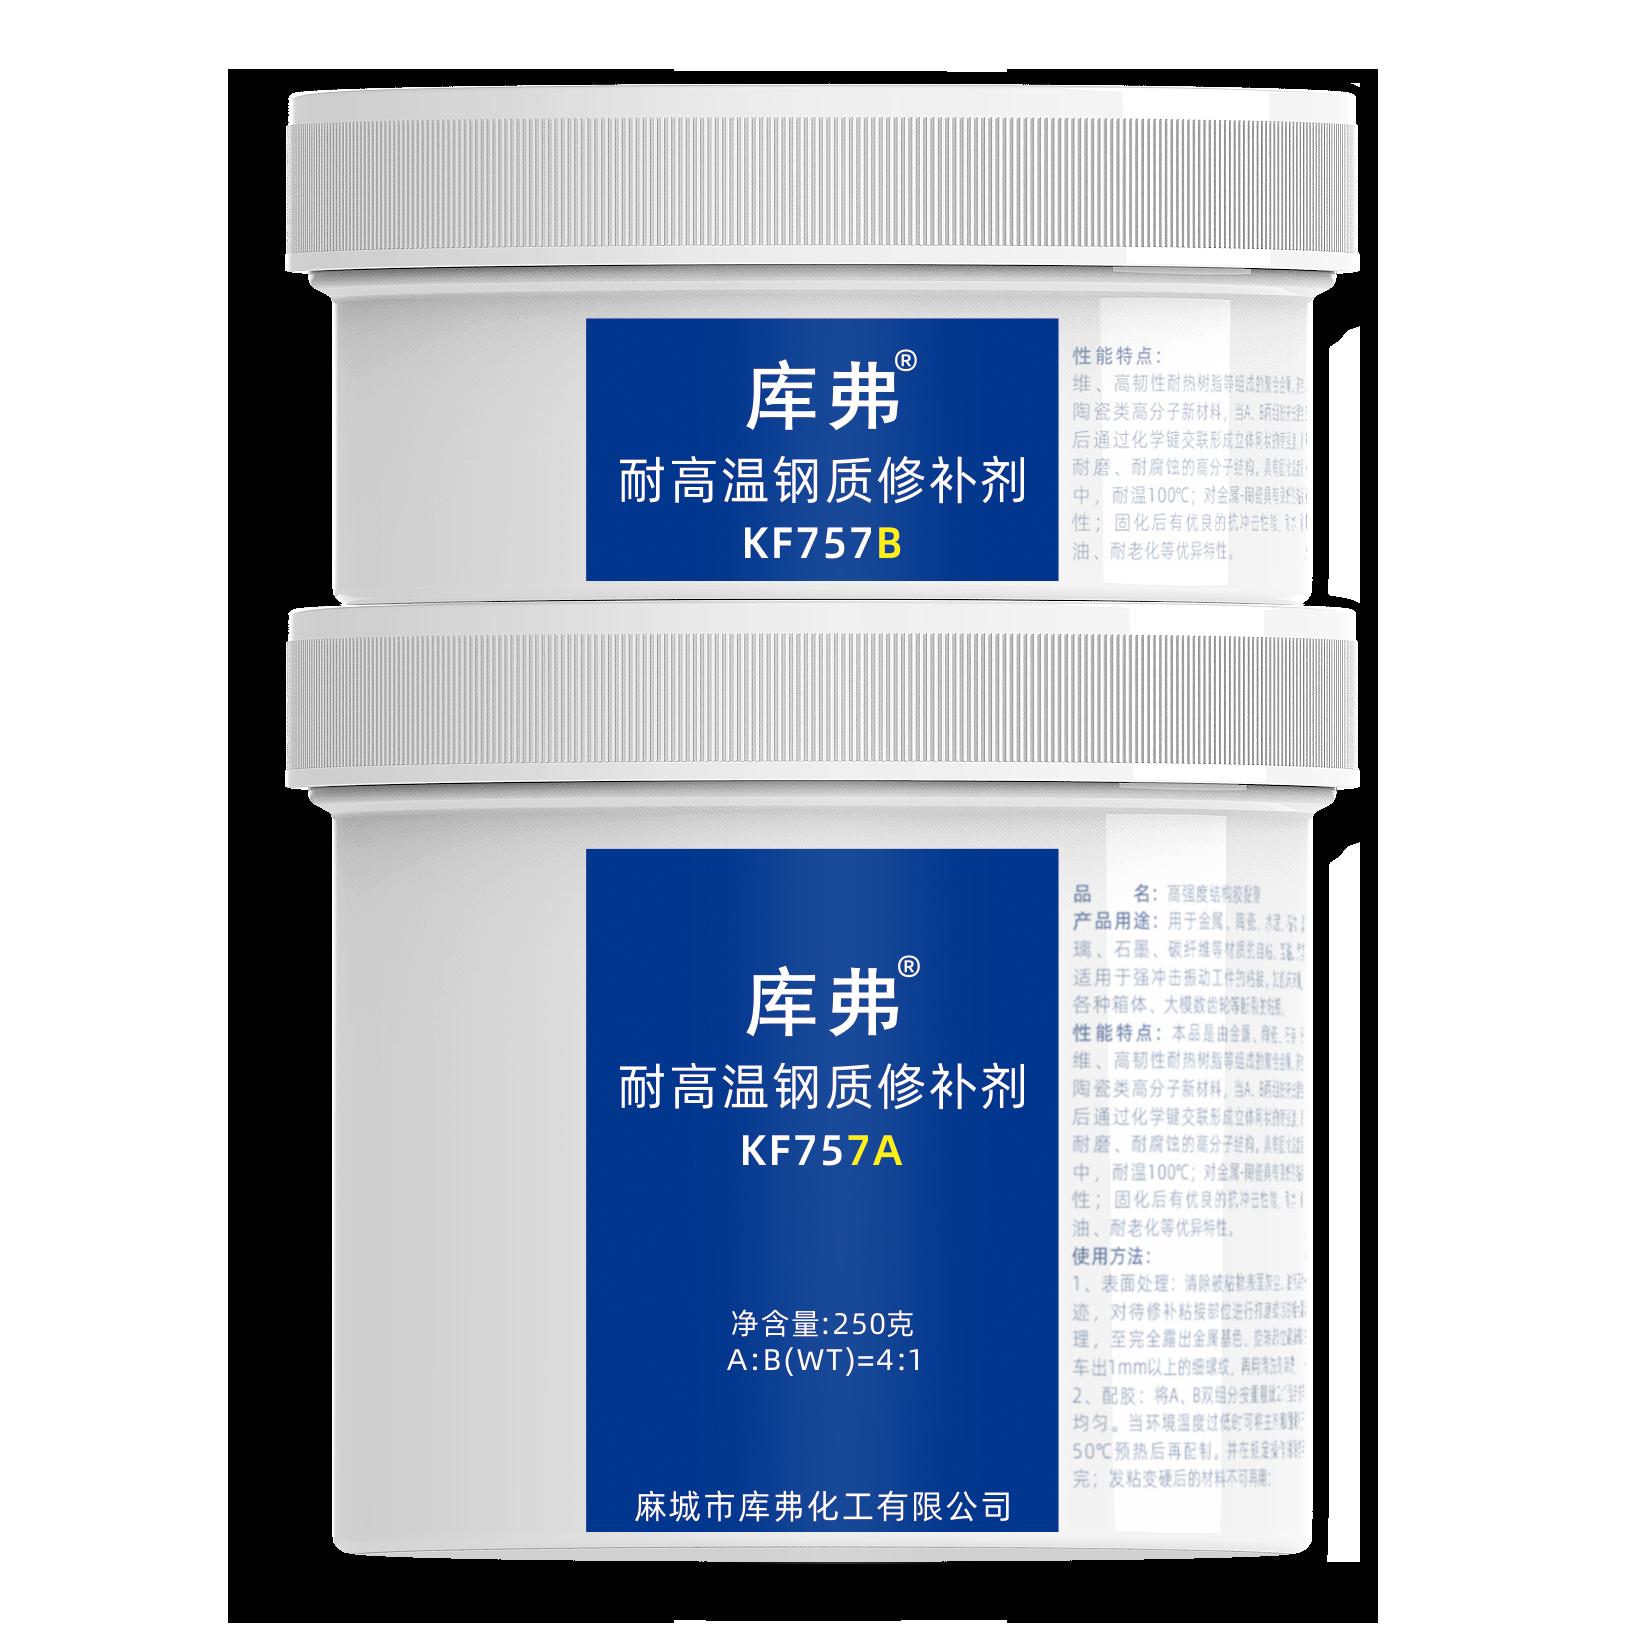 庫弗KF757耐高溫膠鋼質修補劑不鏽鋼髮動機缸體焊縫砂眼磨損修複強力膠